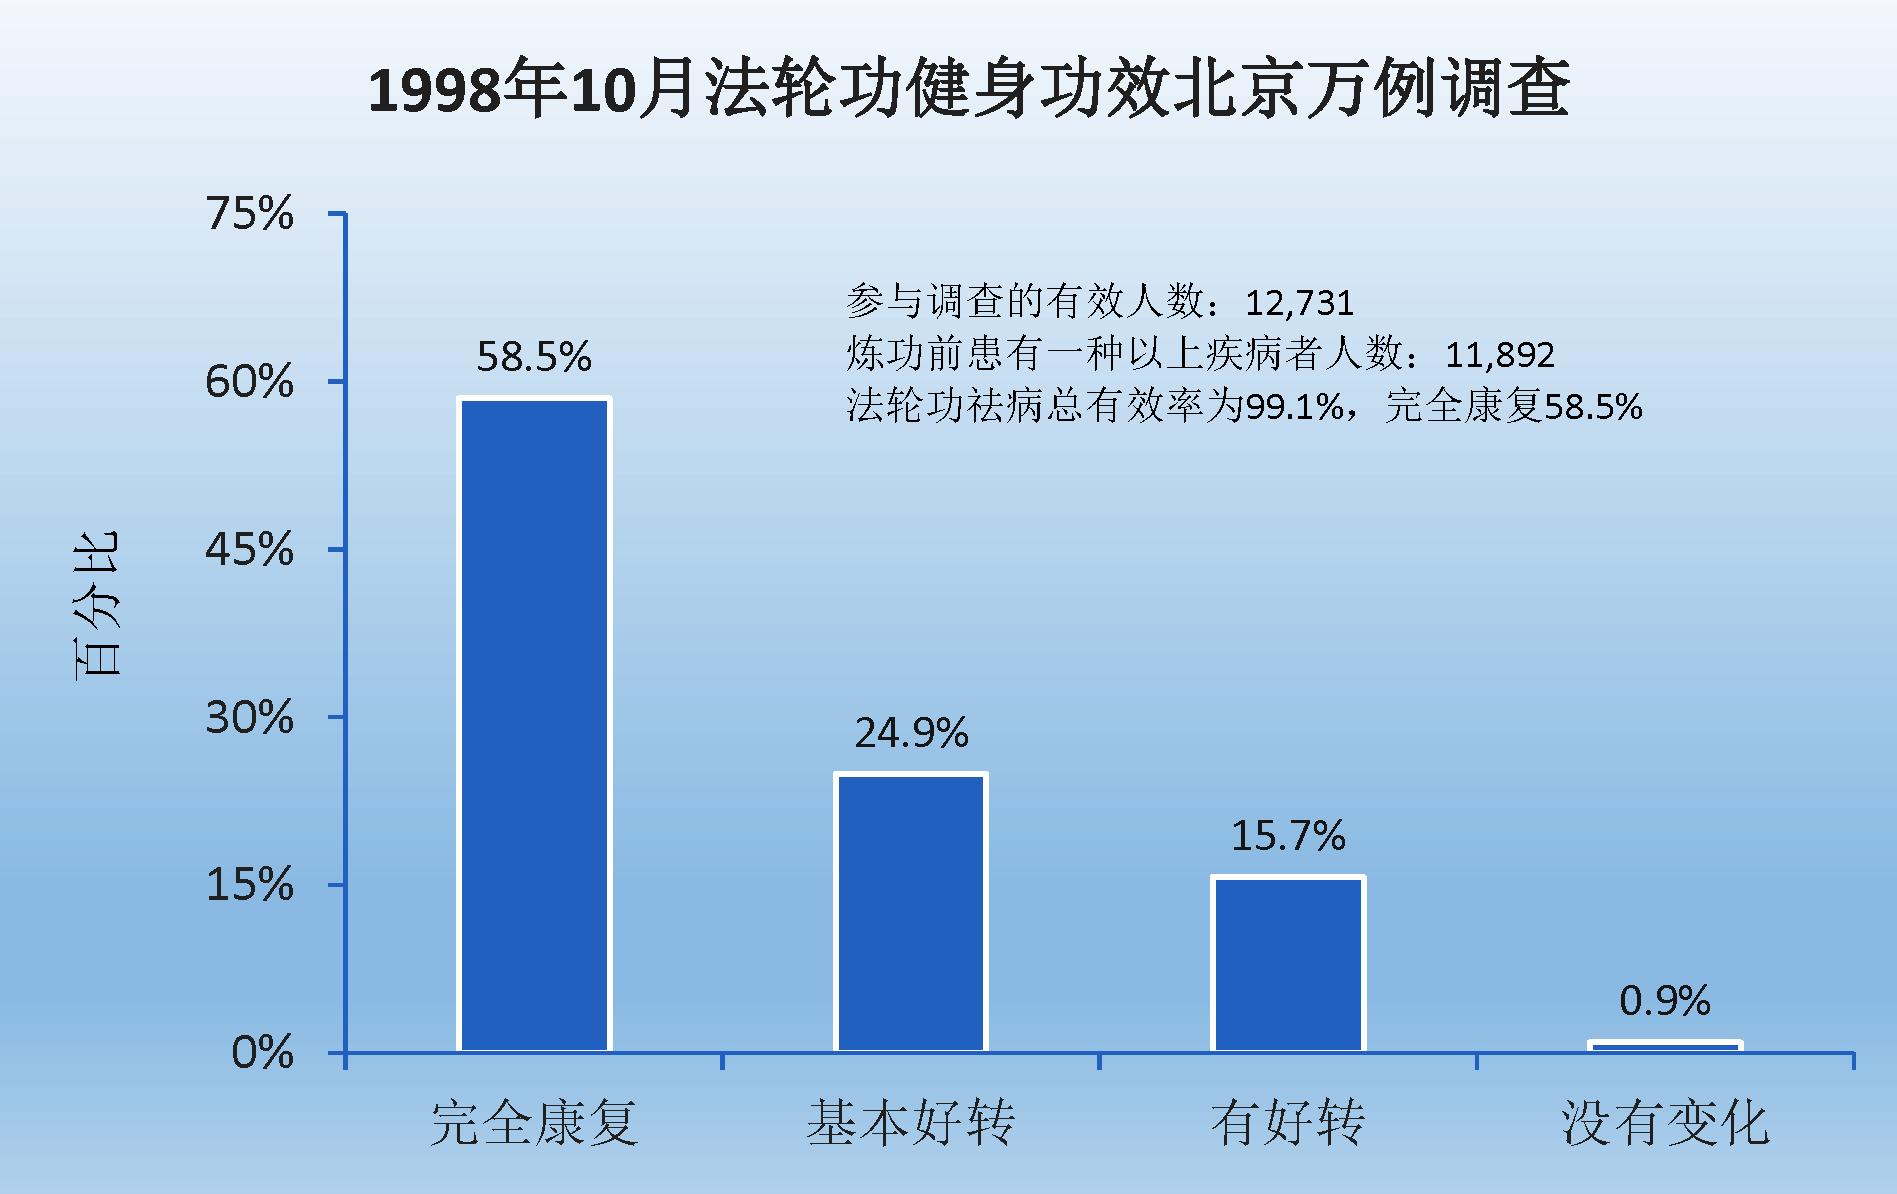 来自北京的法轮功学员修炼前后的健康调查报告(明慧网)